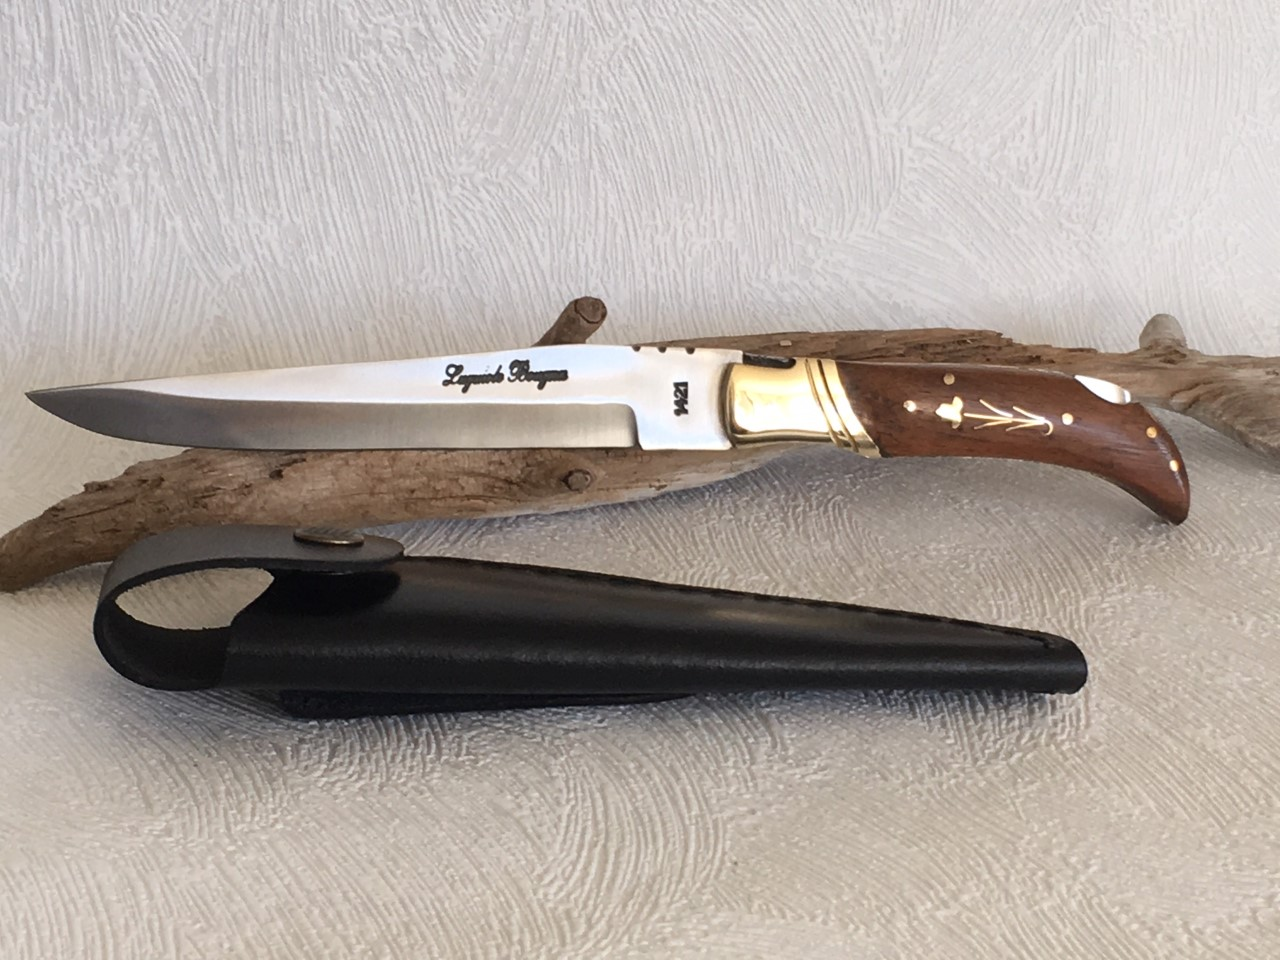 Couteau de chasse pliant incrusté au prix de 18,90 euros.